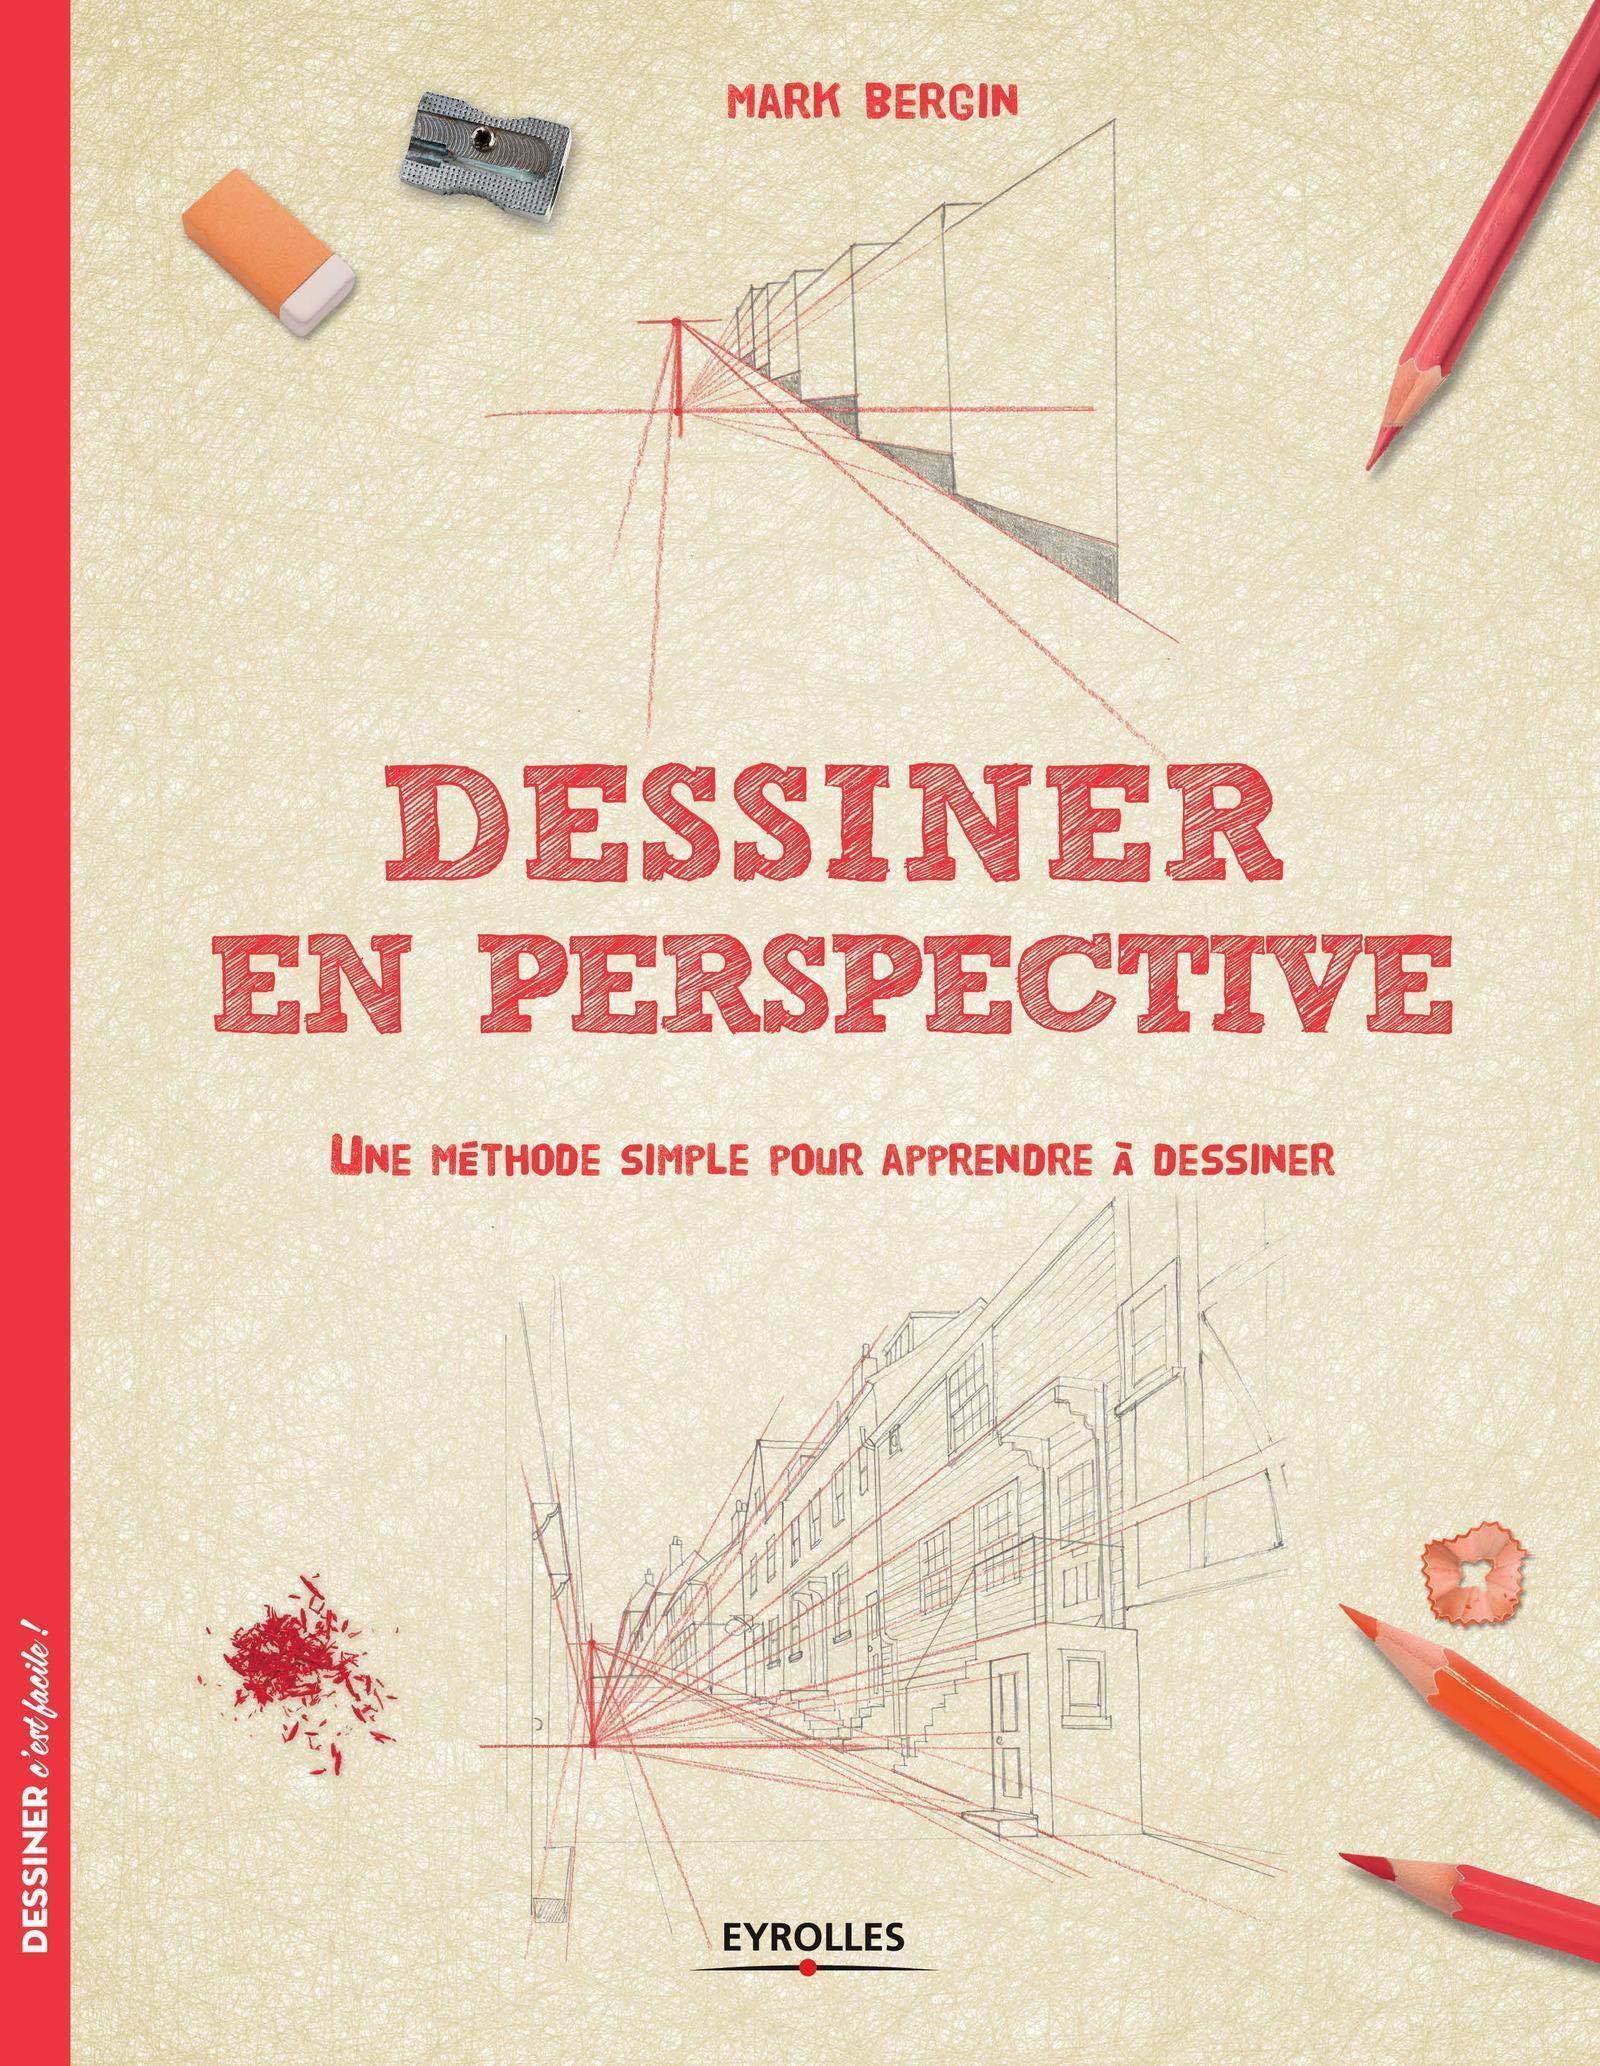 Dessiner En Perspective Une Methode Simple Pour Apprendre A Dessiner Dessiner C Est Facile French Edition Bergin Mark 9782212142624 Amazon Com Books